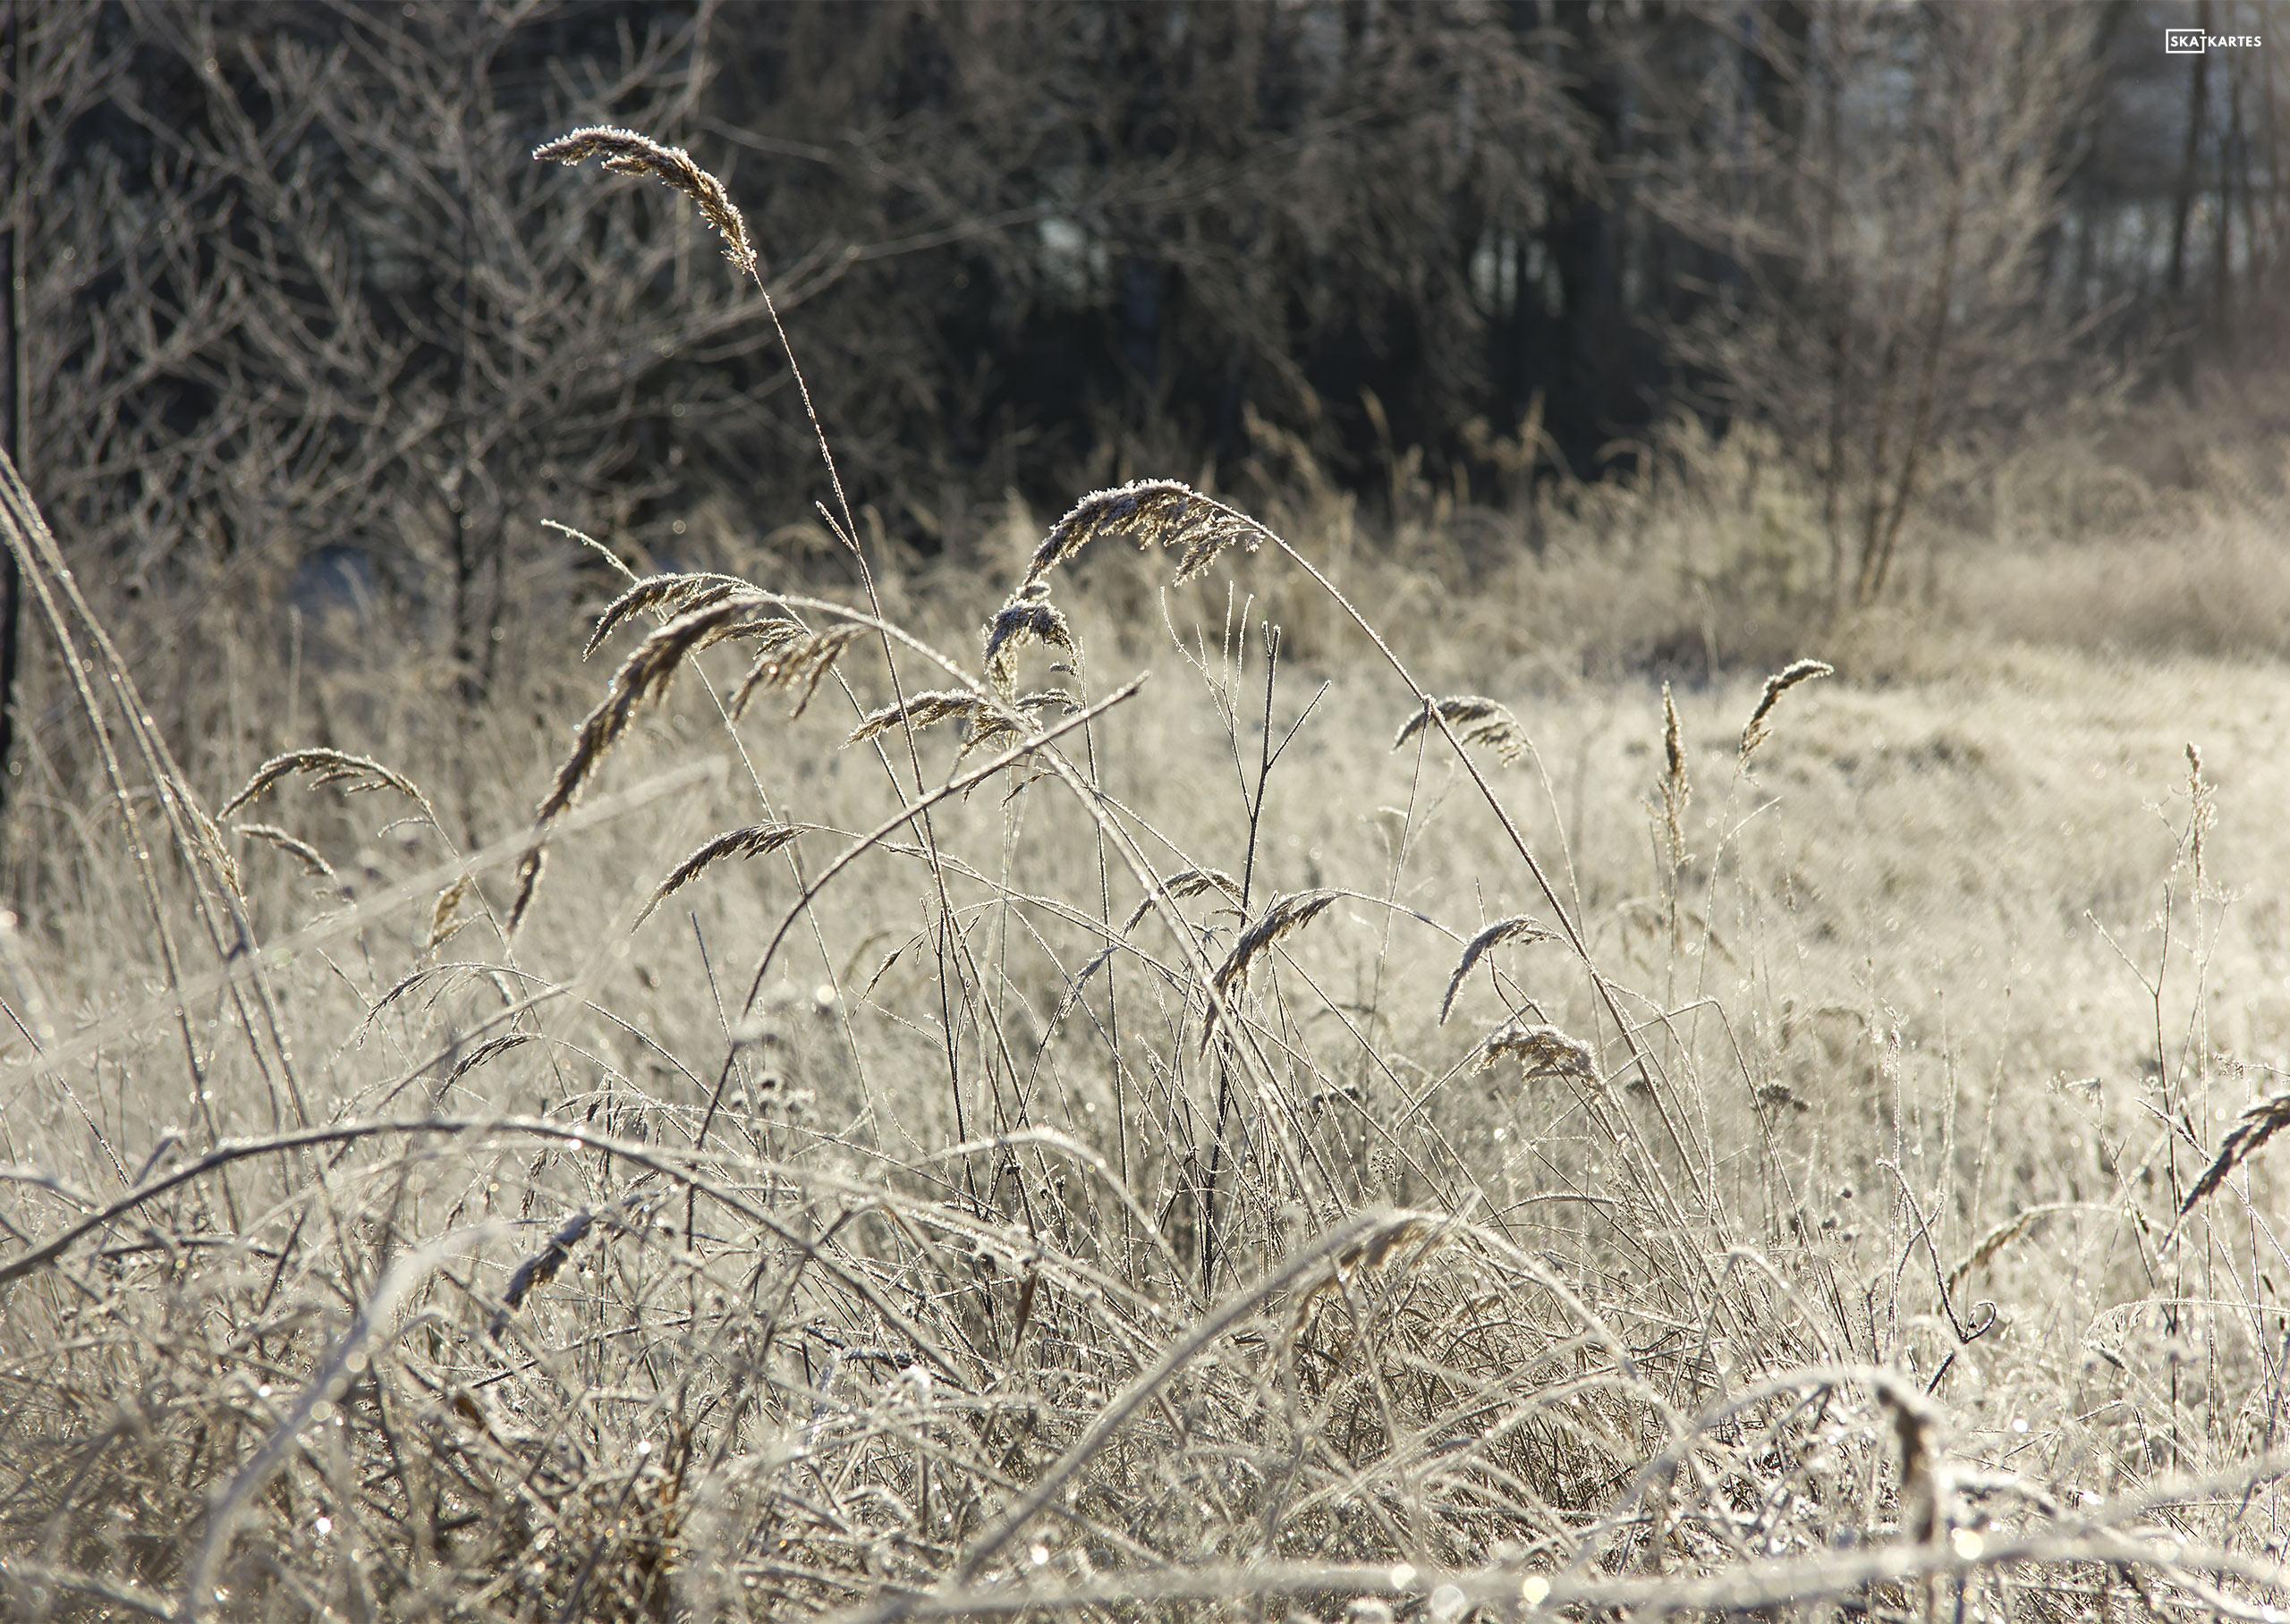 Skatkarte Nr. 1098-5 – Saules apspīdētie Garkalnes meži (2015. gada decembris).